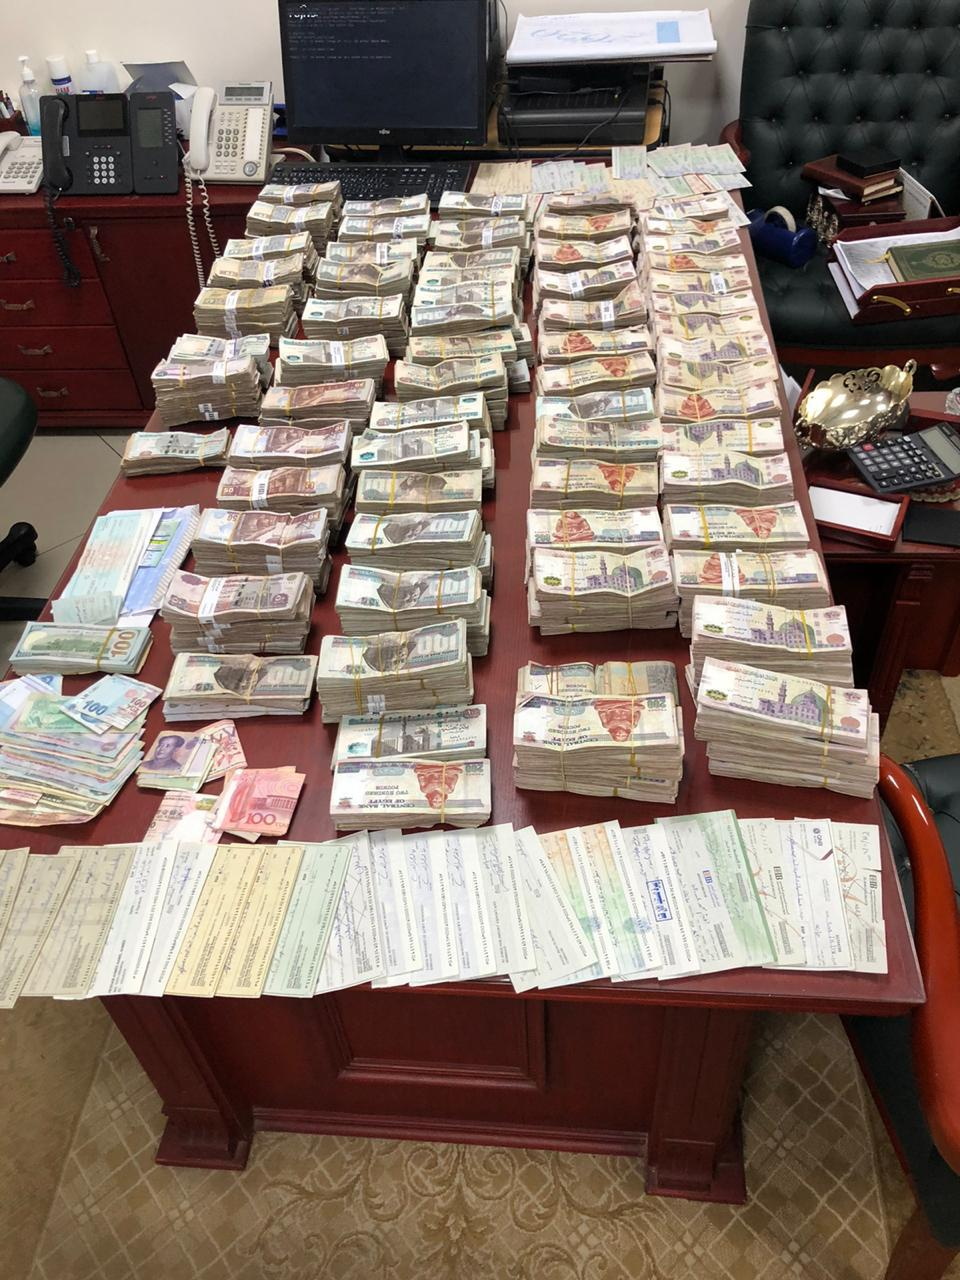 ضبط شخص لقيامه بالإستيلاء على أموال المواطنين وإيهامهم بقدرته على توفير فرص عمل بالقاهرة